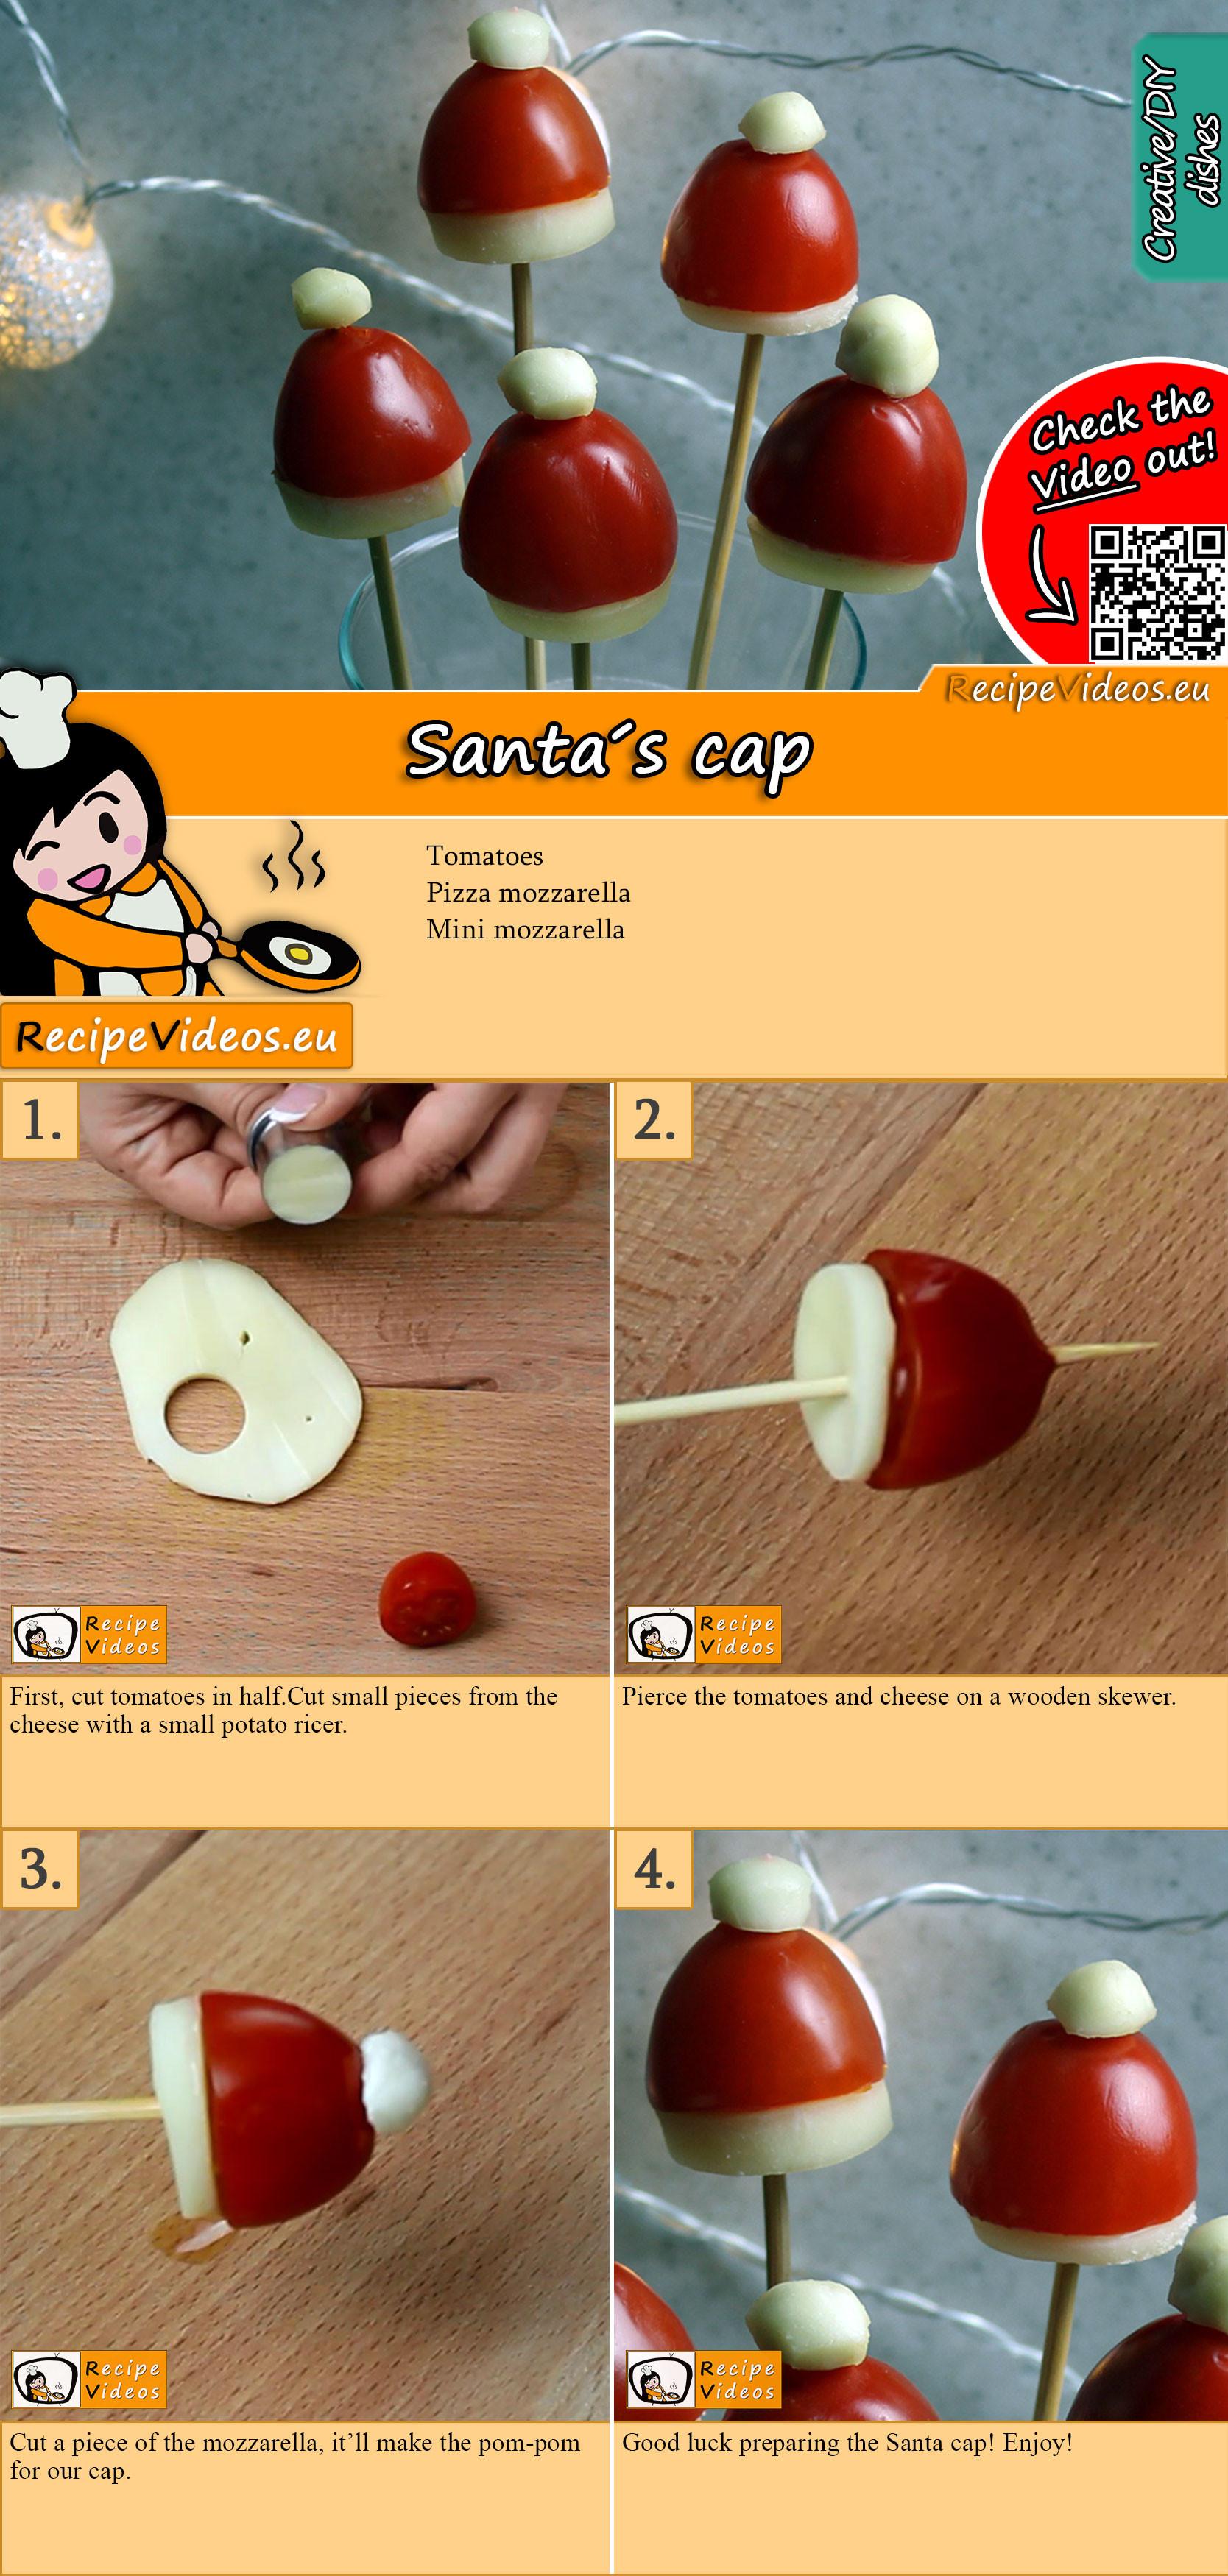 Santa's cap recipe with video